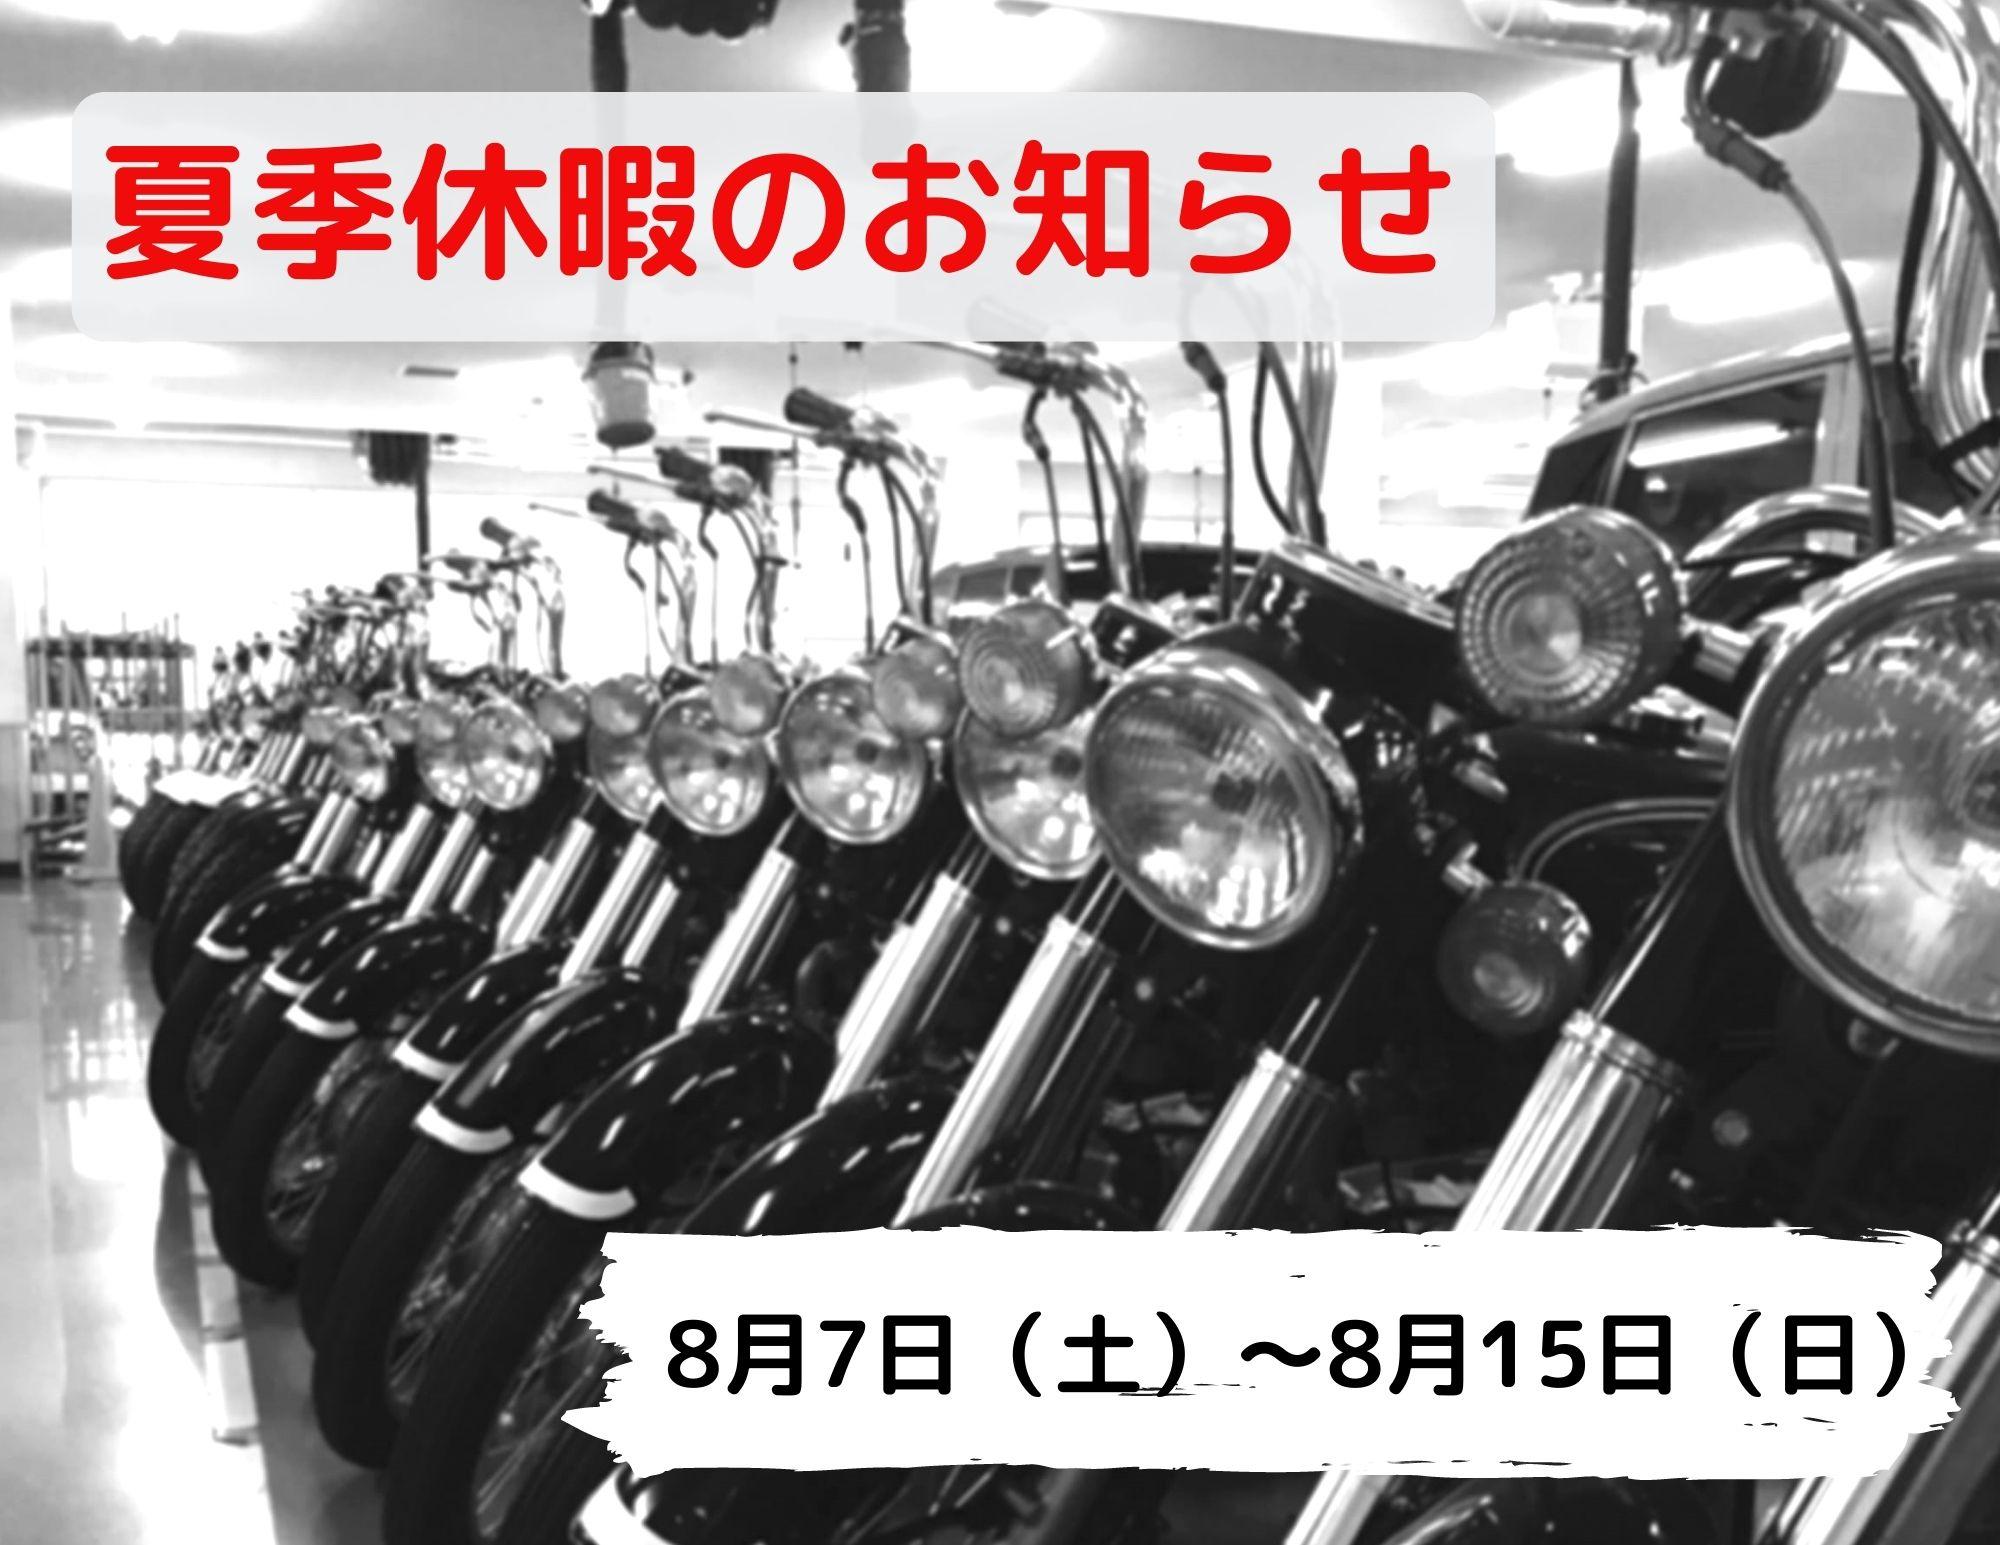 【夏季休暇】事務手続き休止のお知らせ